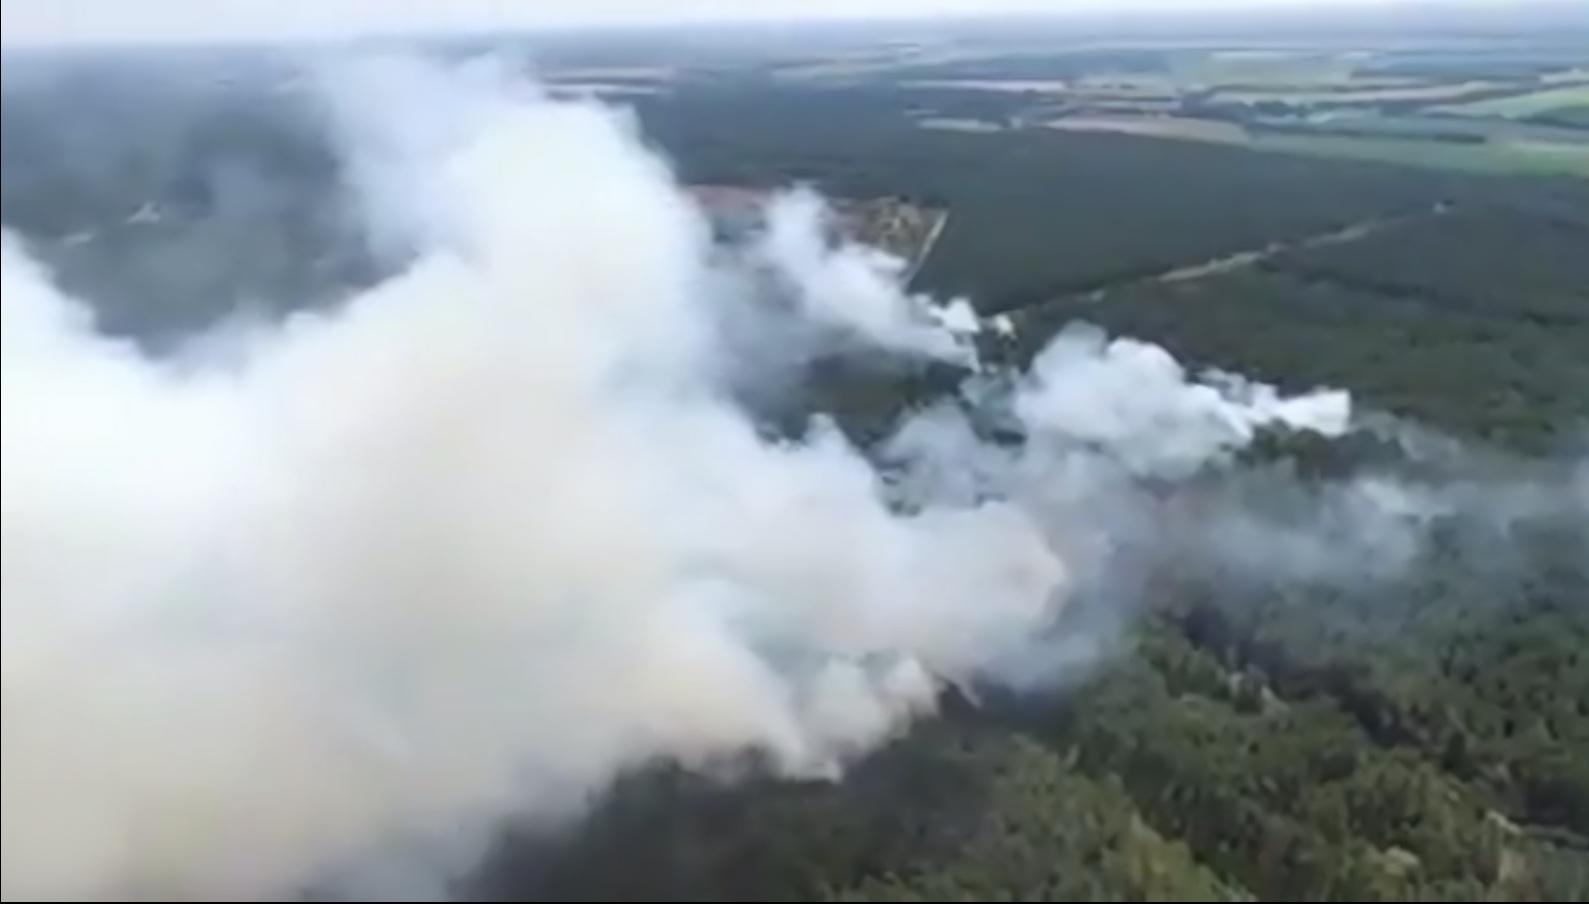 Waldbrand bei Lübtheen: Es war BRANDSTIFTUNG ! – Polizei sucht Zeugen